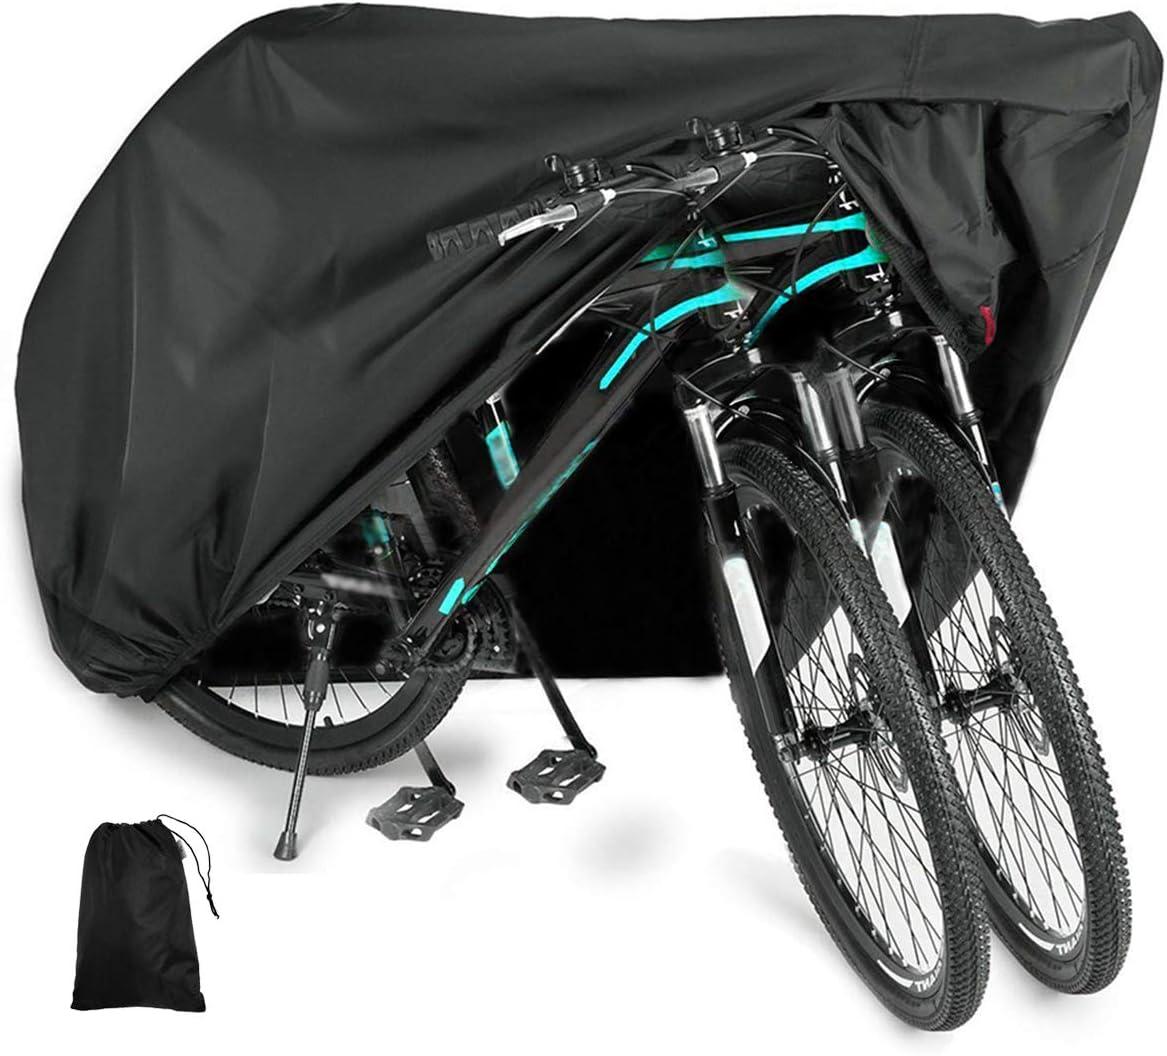 Orion Fahrradabdeckung wasserdicht Abdeckhaube Regenschutz f/ür Fahrrad Motorrad Motorroller Fahrradplane Fahrradh/üllen